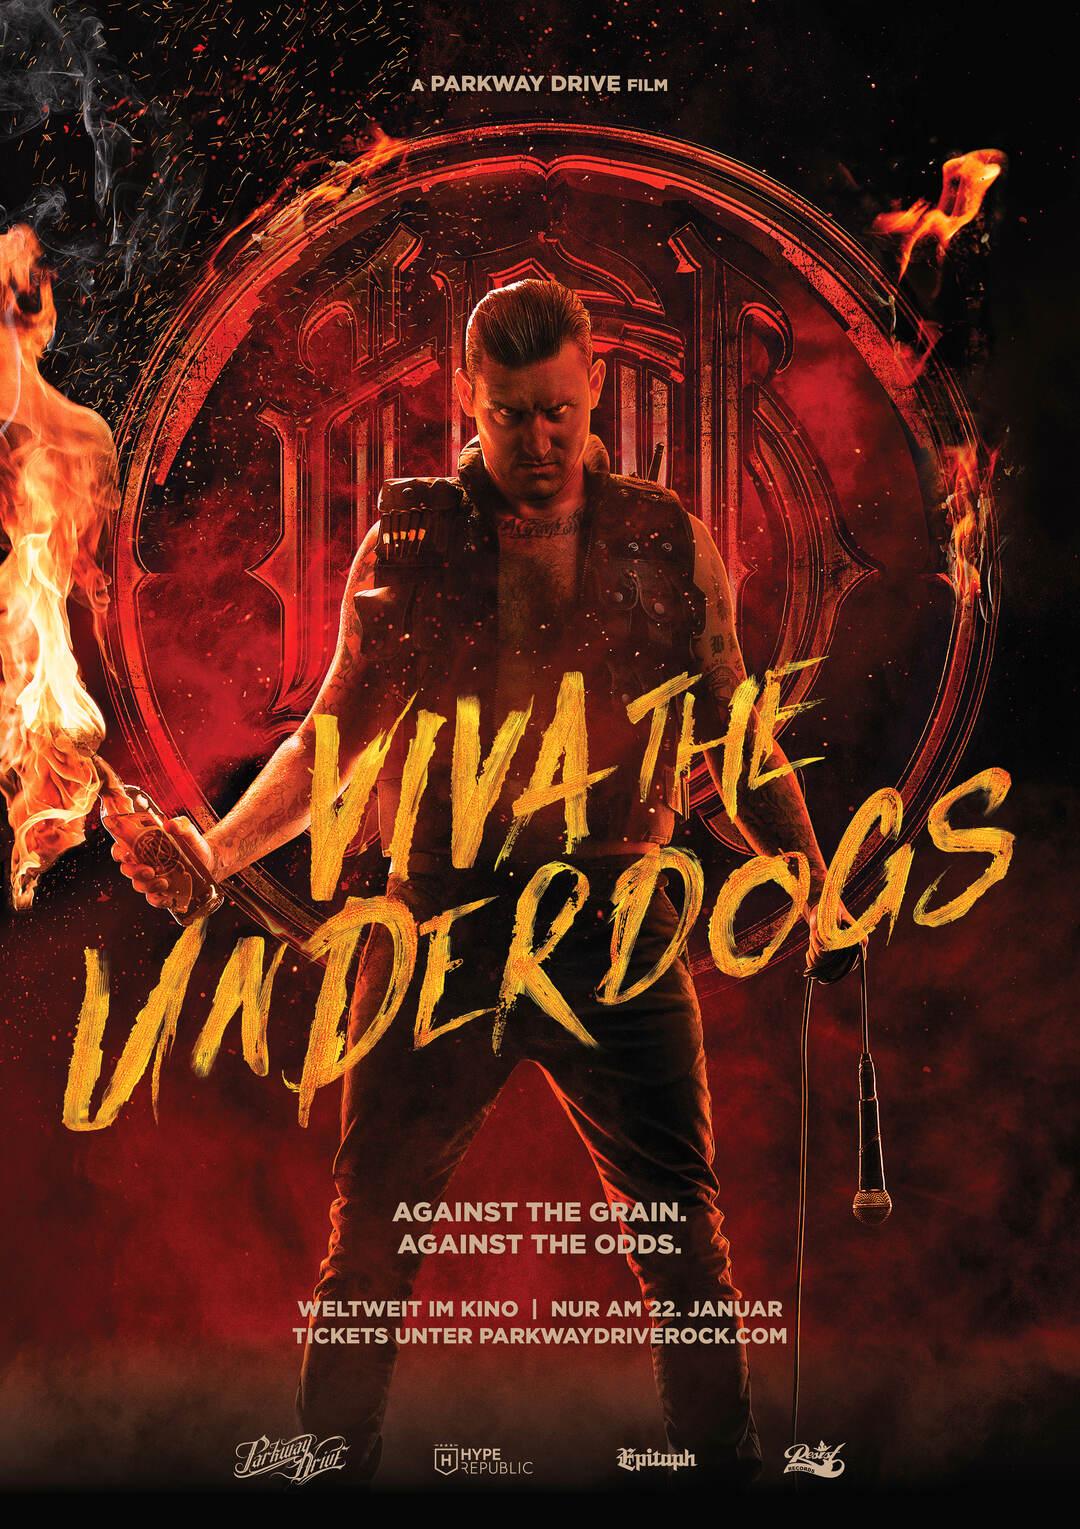 Viva the Underdogs Trailer - Bild 1 von 9